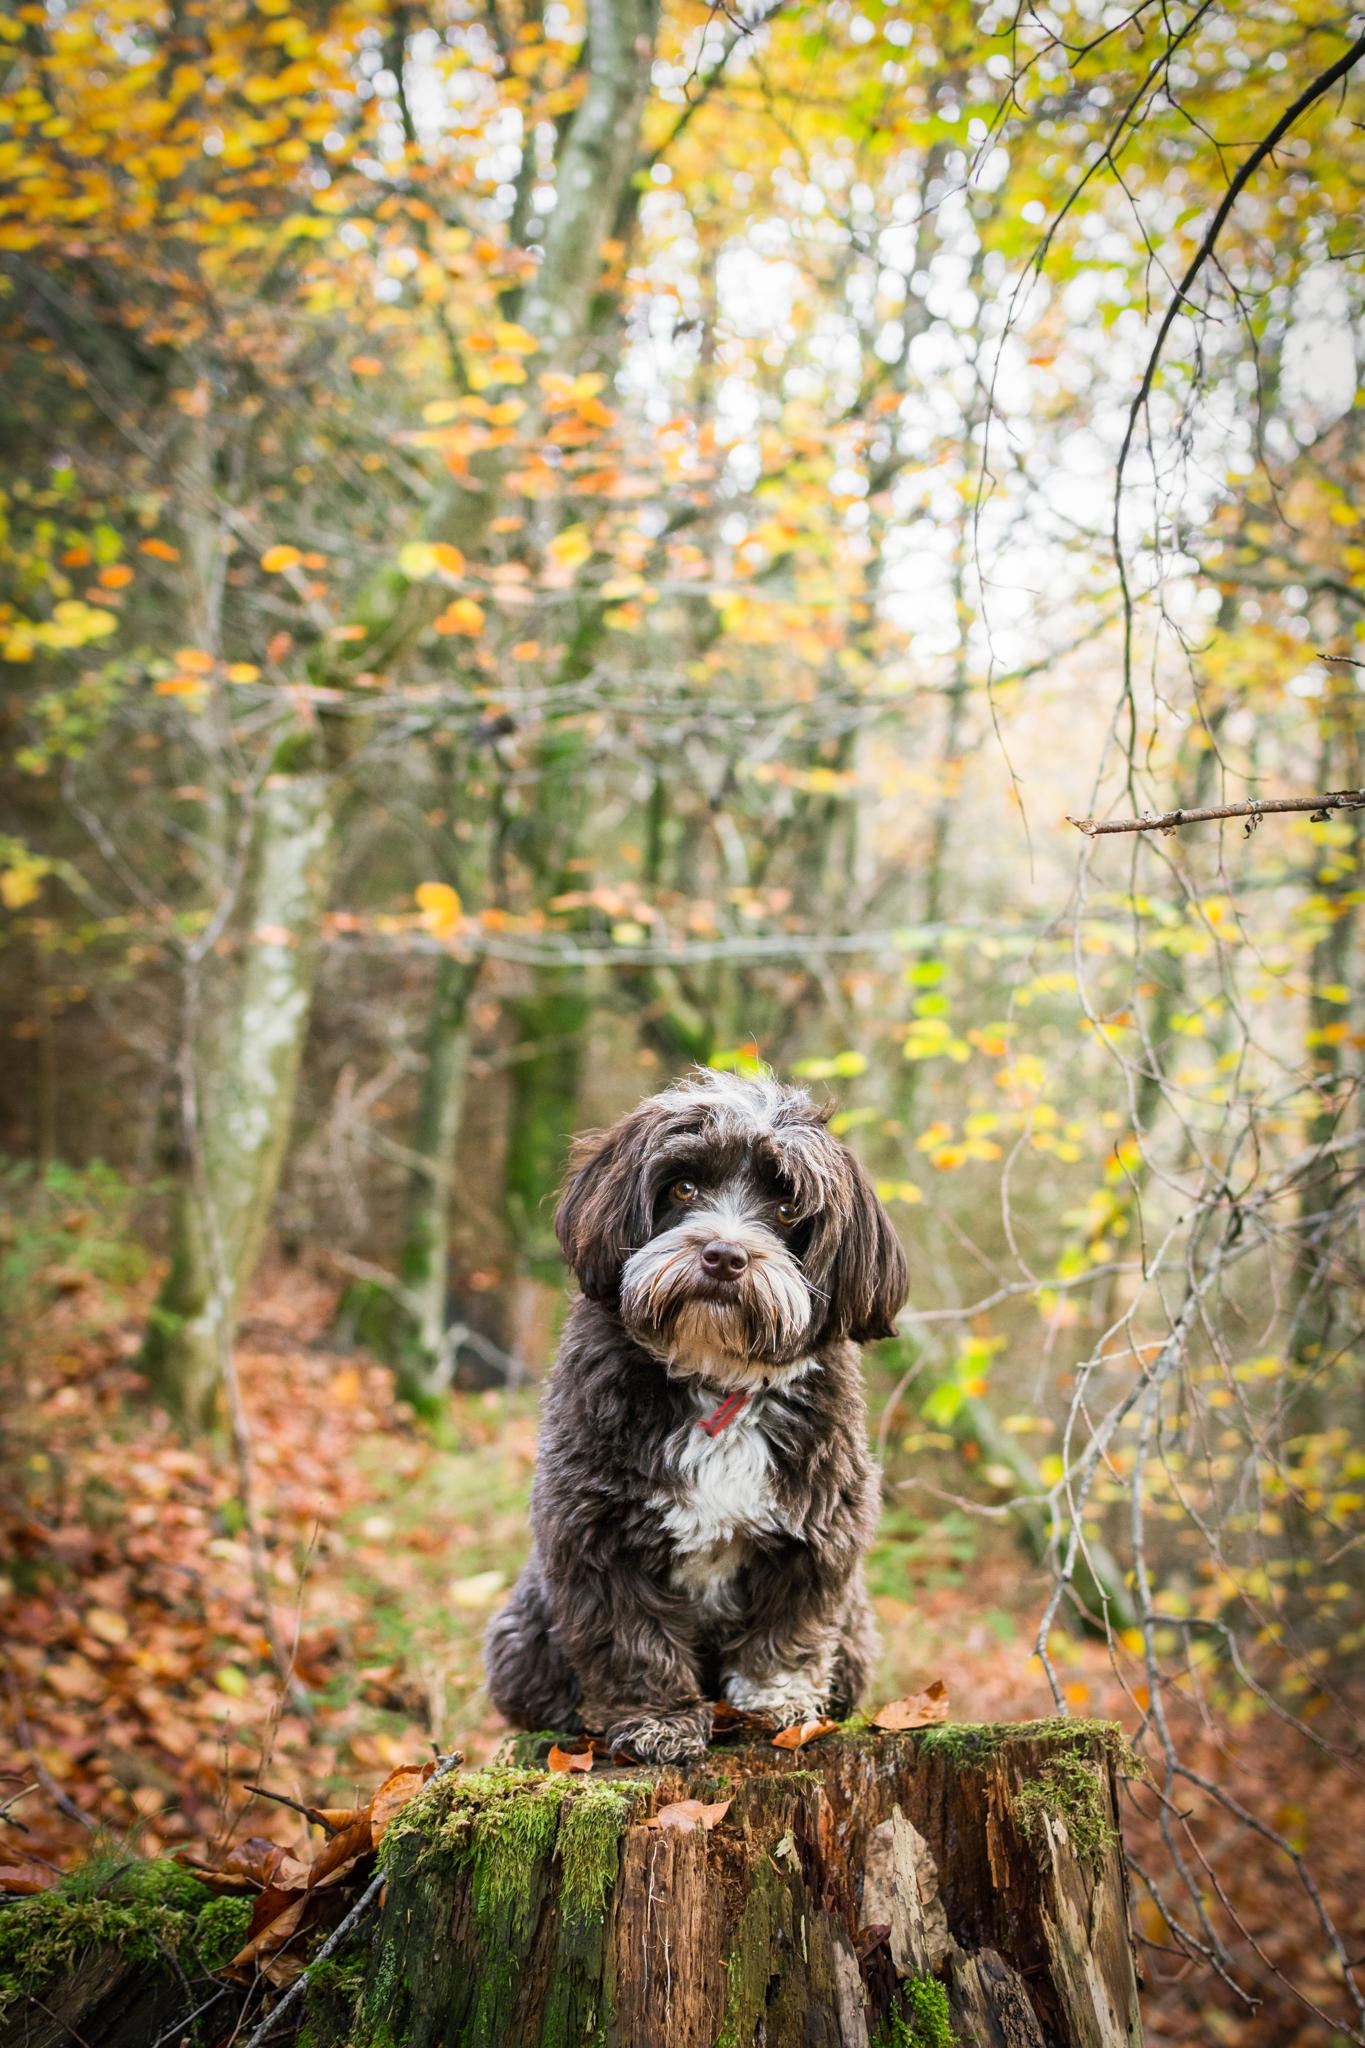 Petit chien brun sur tronc d'arbre dans la forêt